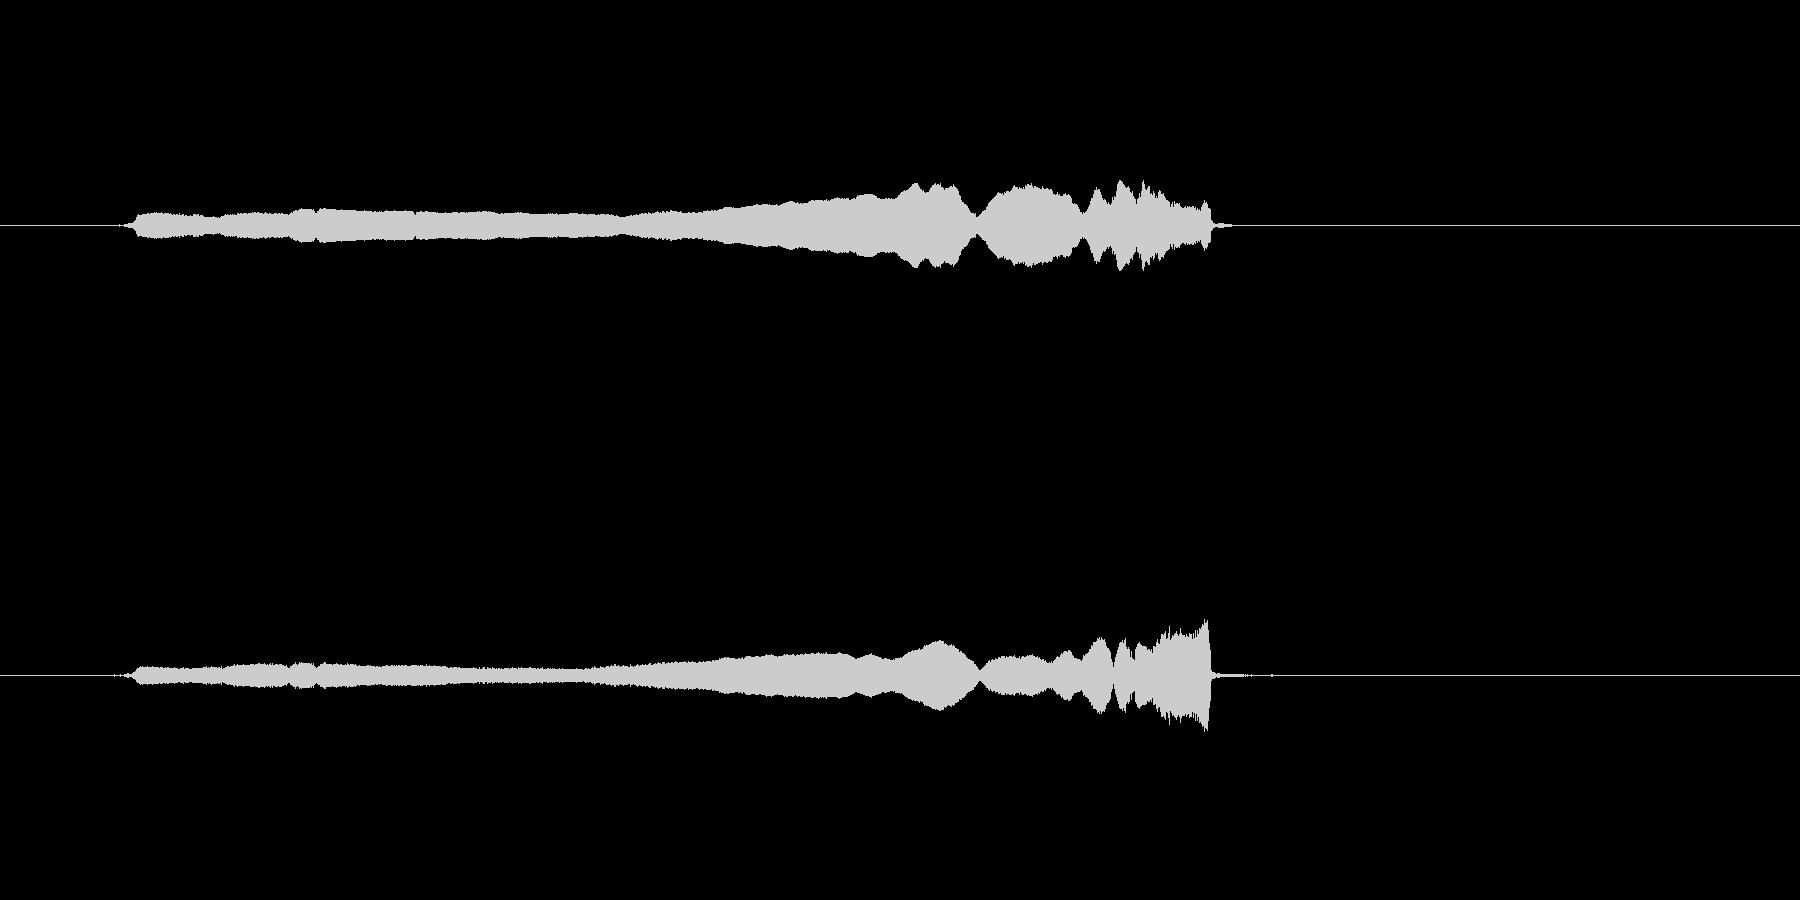 コメディスライドホイッスルグリスア...の未再生の波形